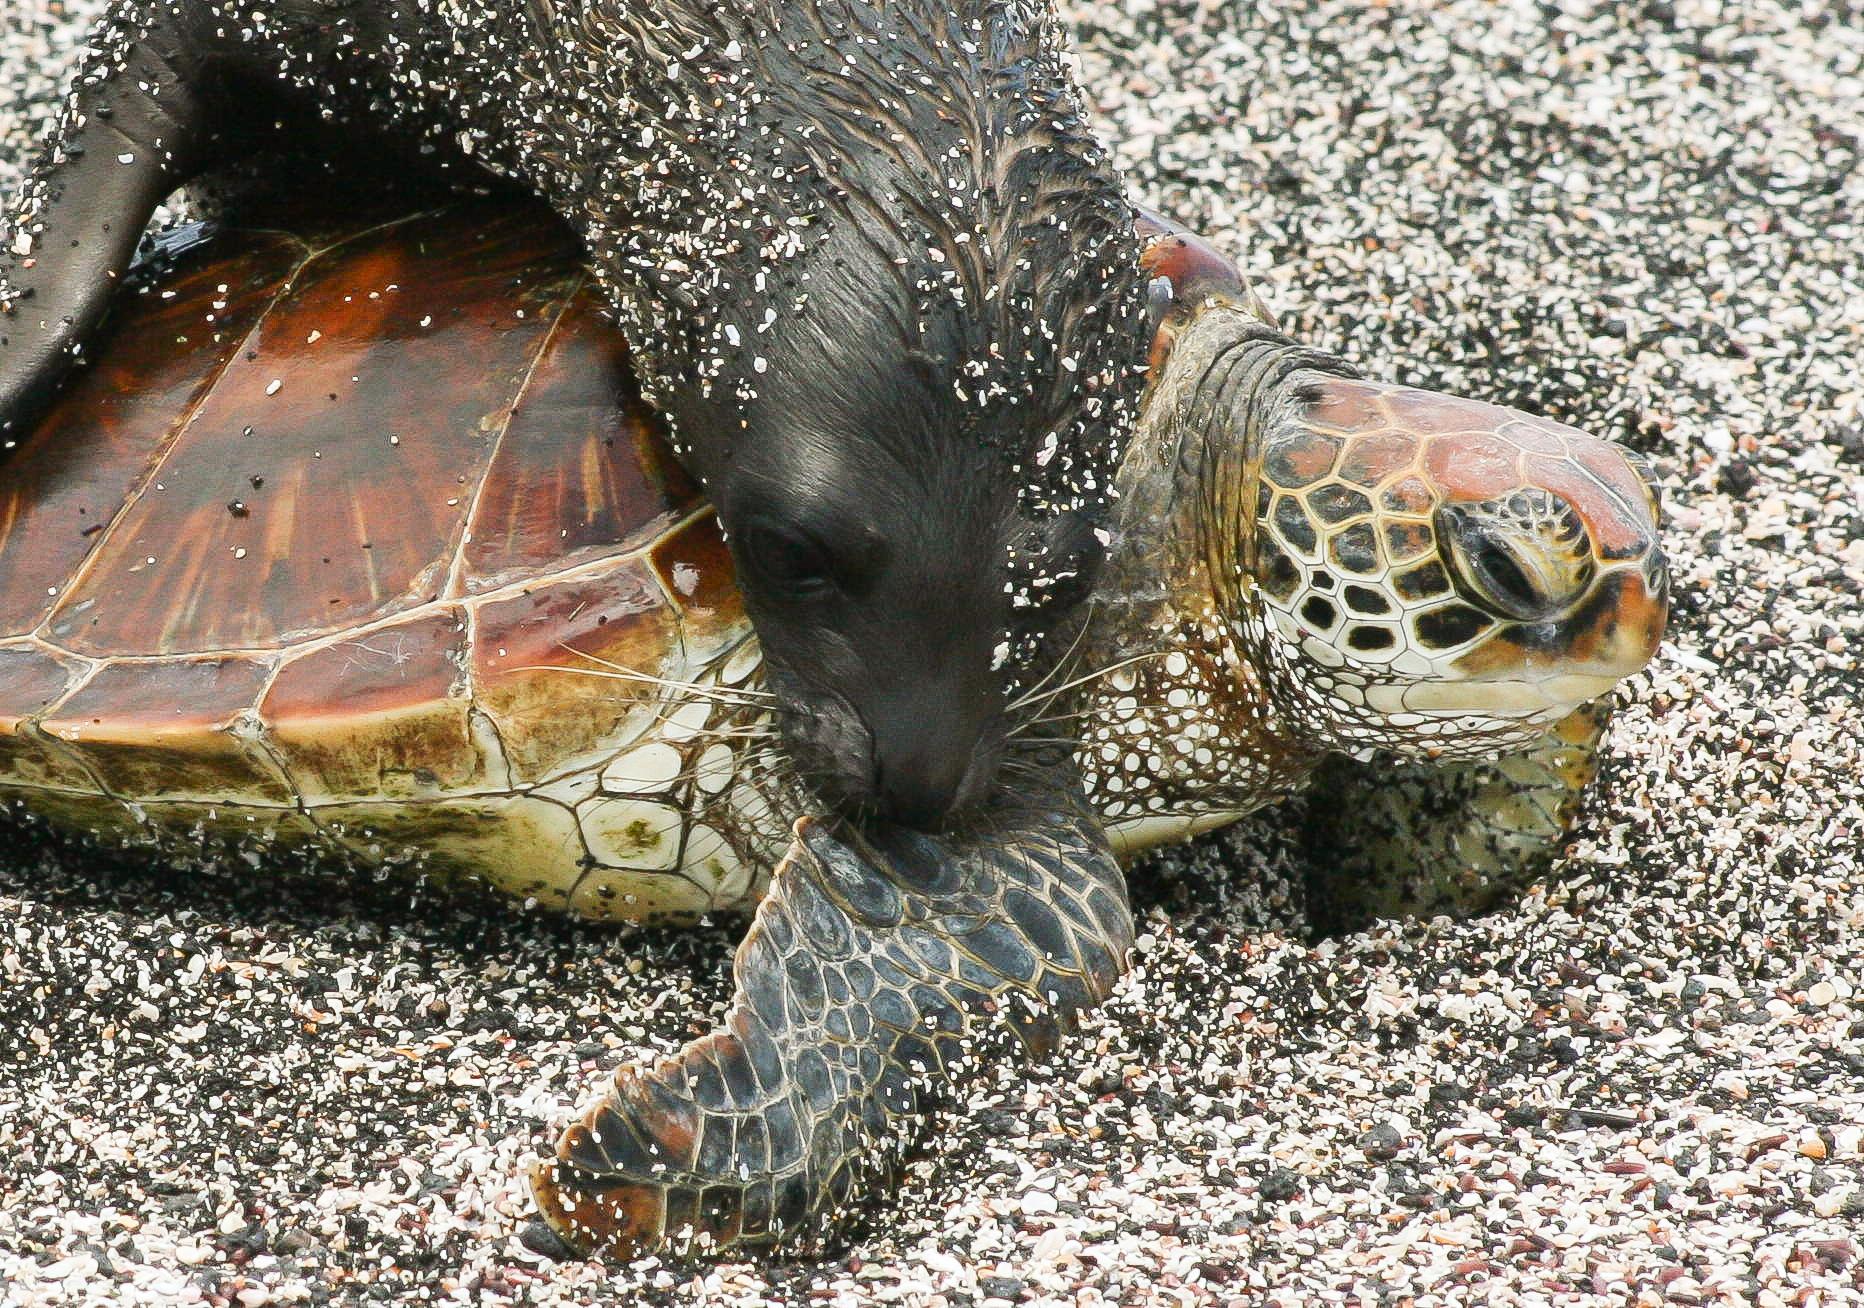 Seal_Turtle_Hug.jpg